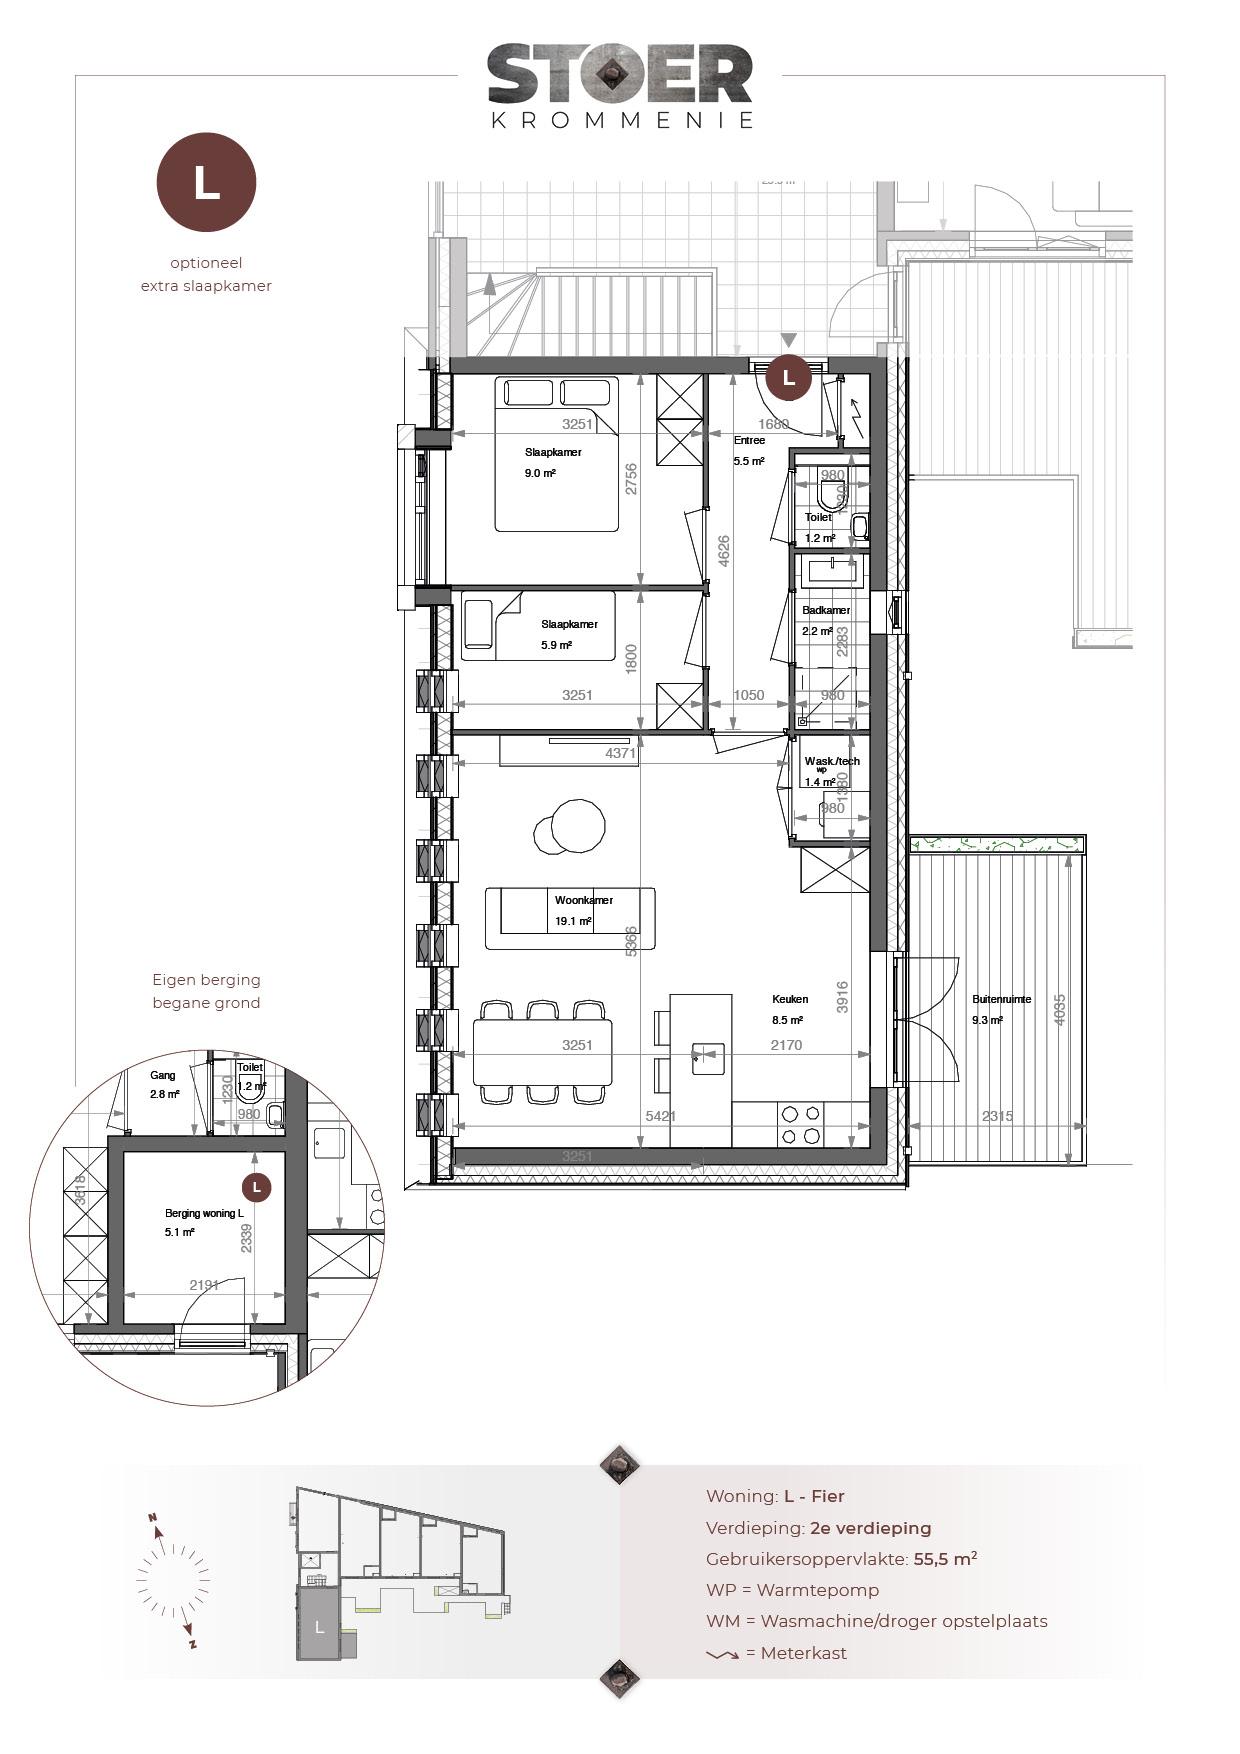 L optie A4-woningen14